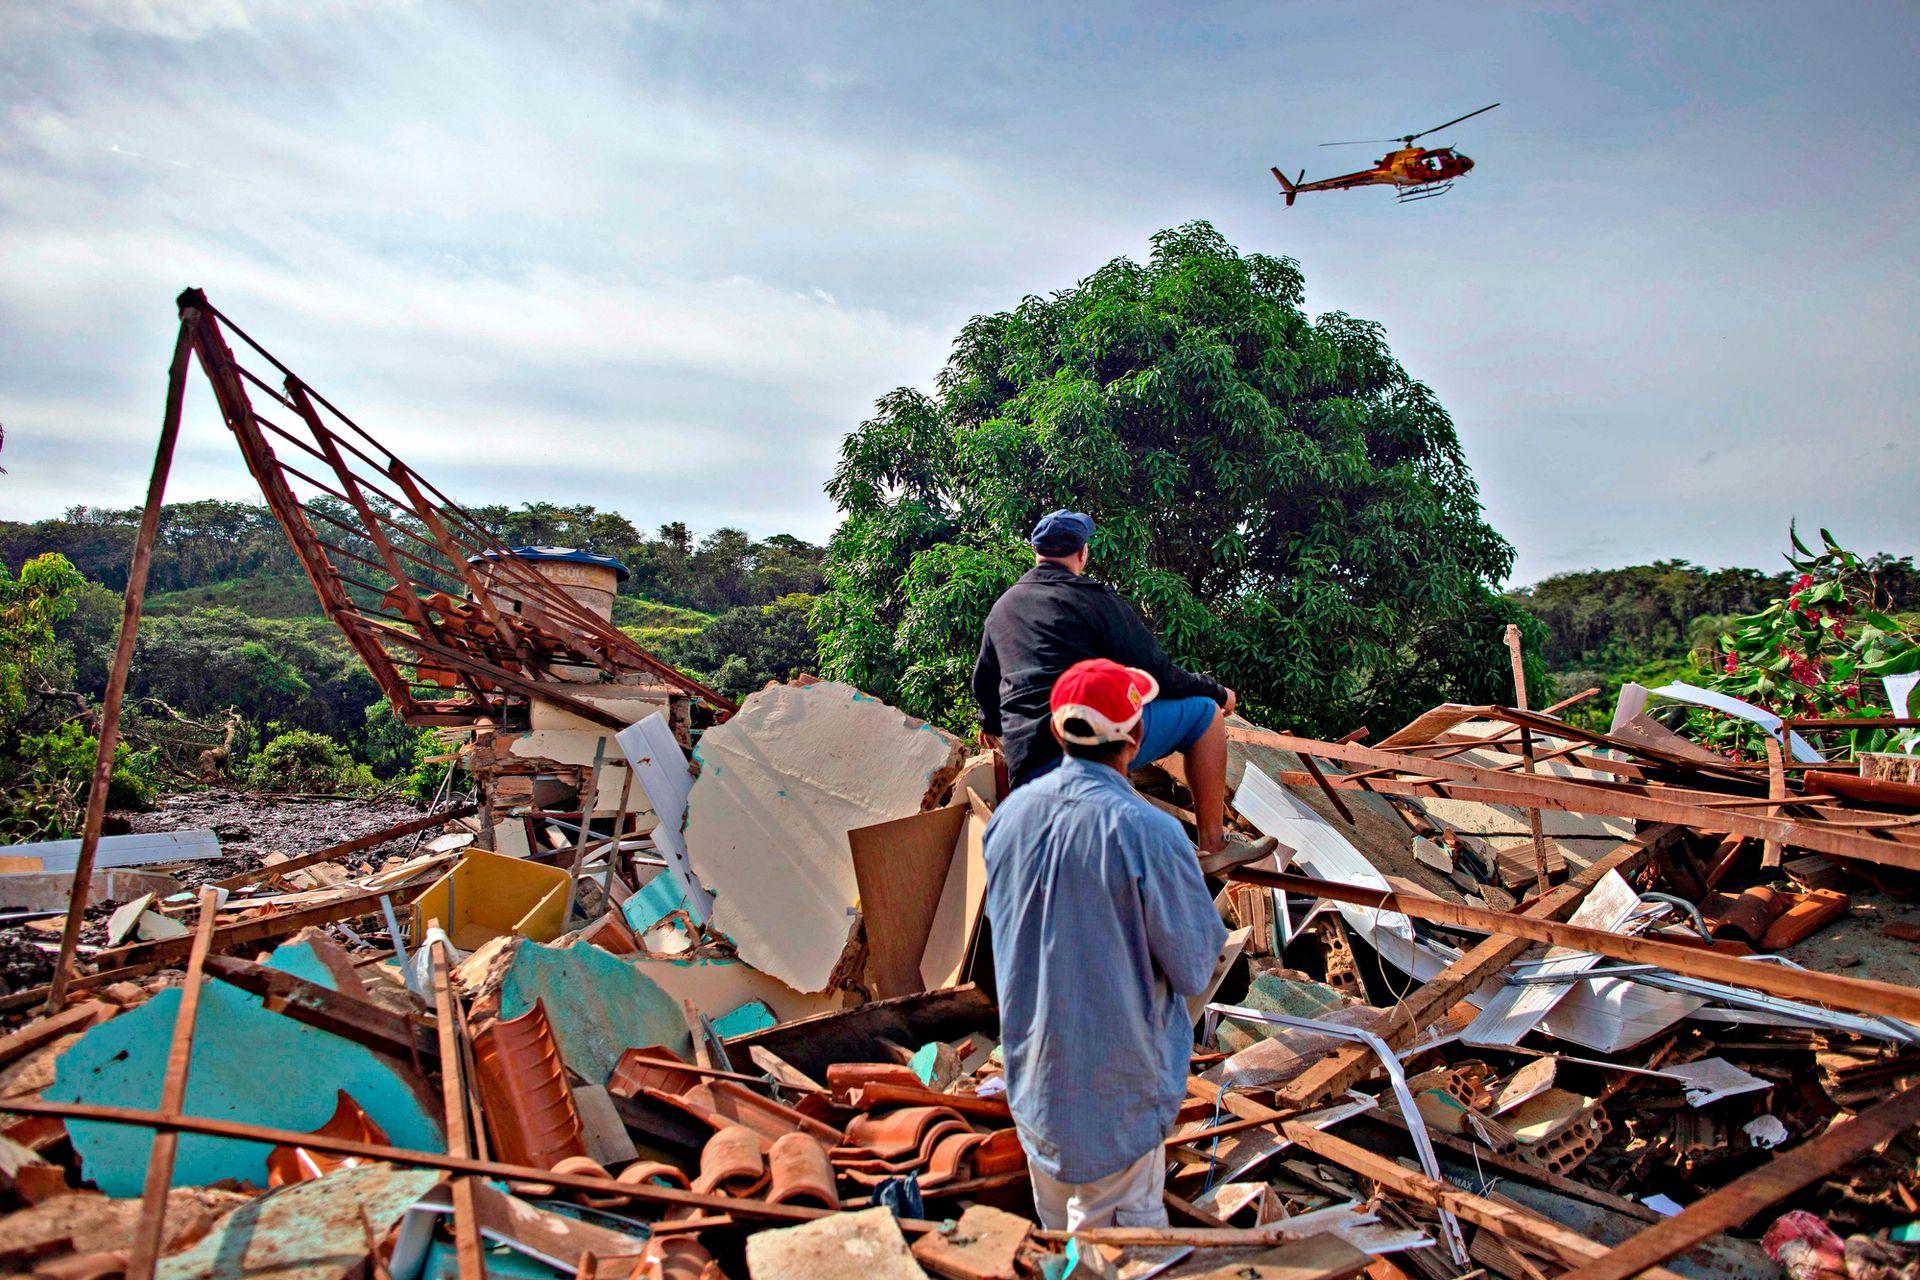 La gente de la comunidad de Parque da Cachoeira mira un helicóptero de bomberos que vuela sobre el área afectada por el lodo un día después del derrumbe de una represa en una mina de mineral de hierro